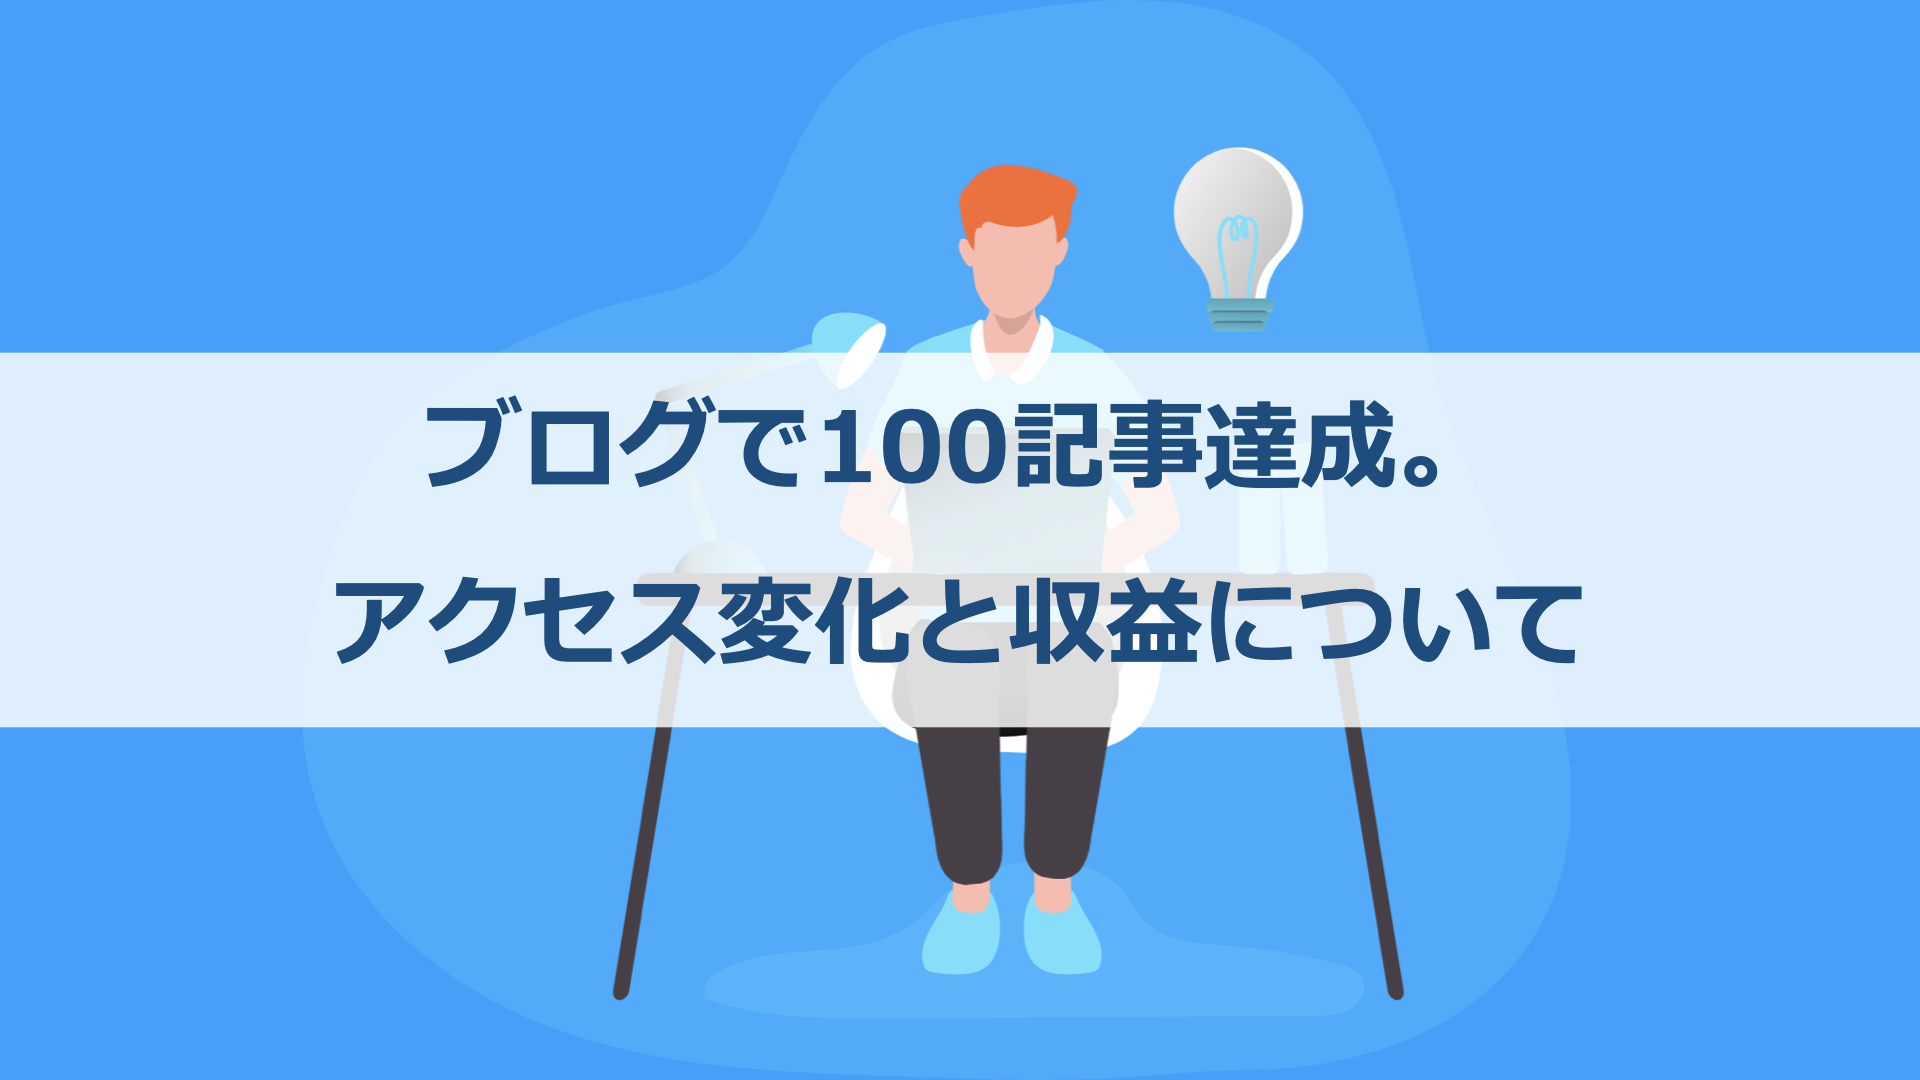 ブログで3ヶ月100記事達成。アクセス変化と収益について